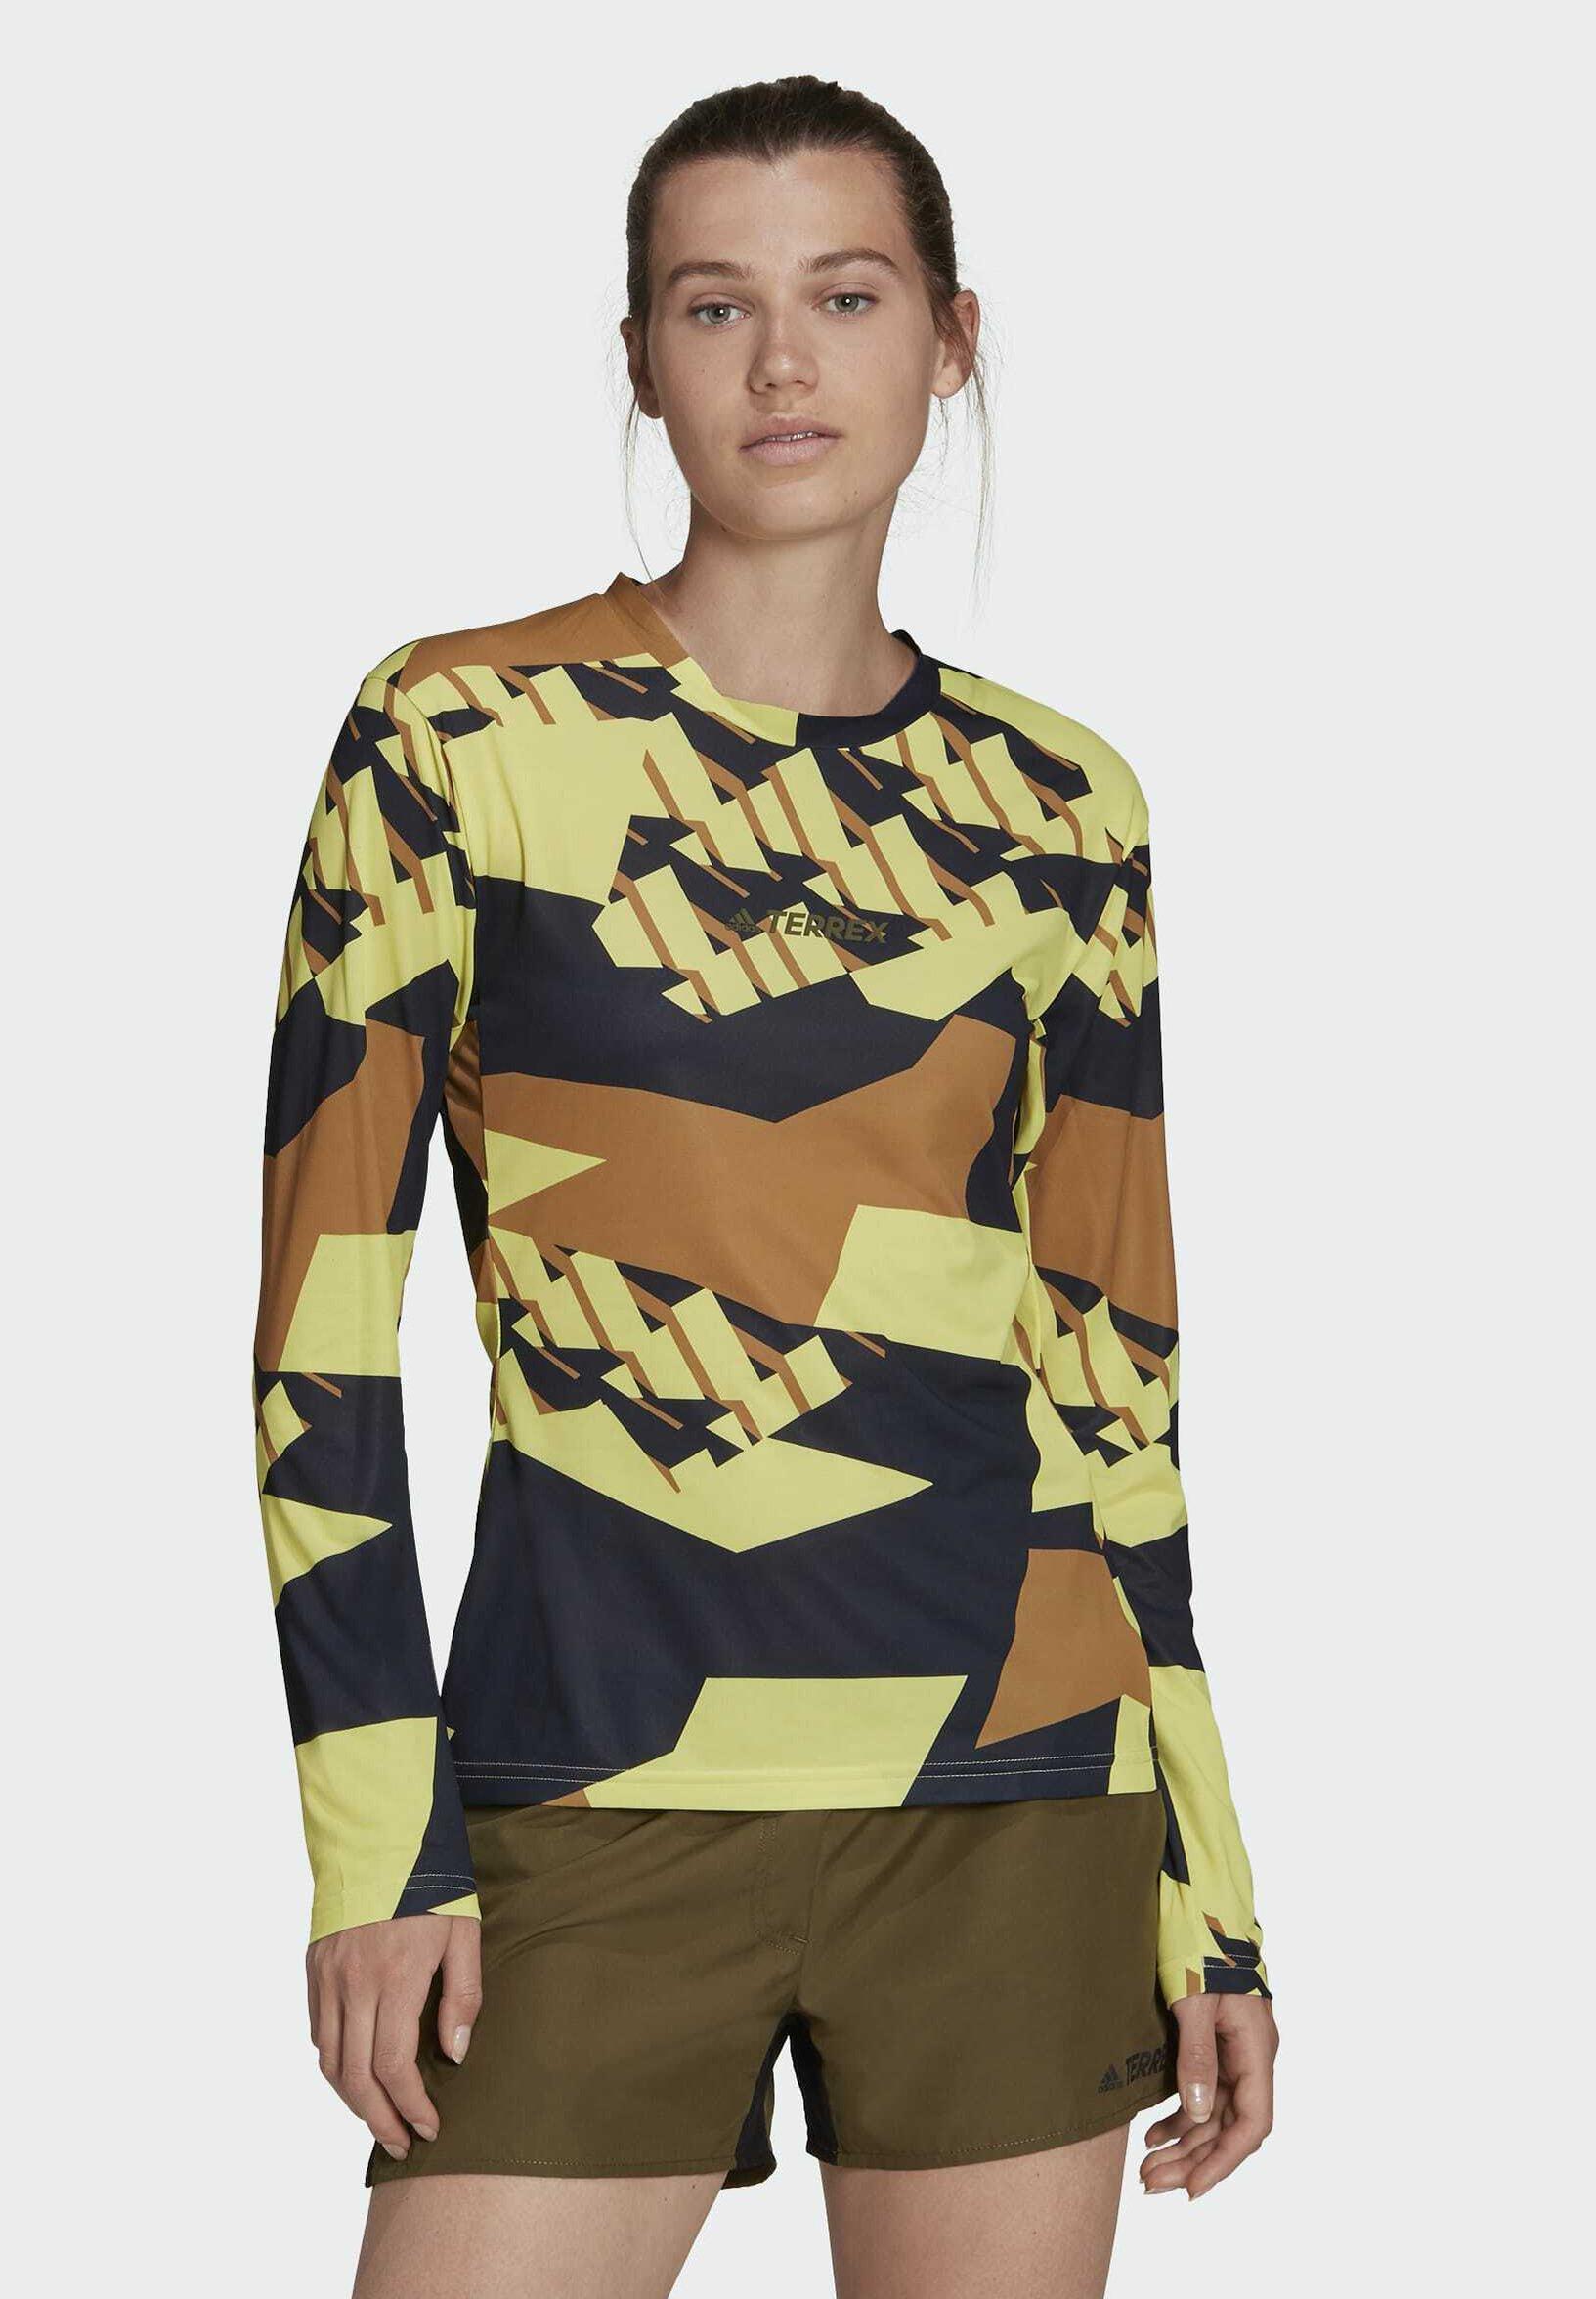 Femme TERREX PRIMEBLUE TRAIL GRAPHIC LONGSLEEVE - T-shirt à manches longues